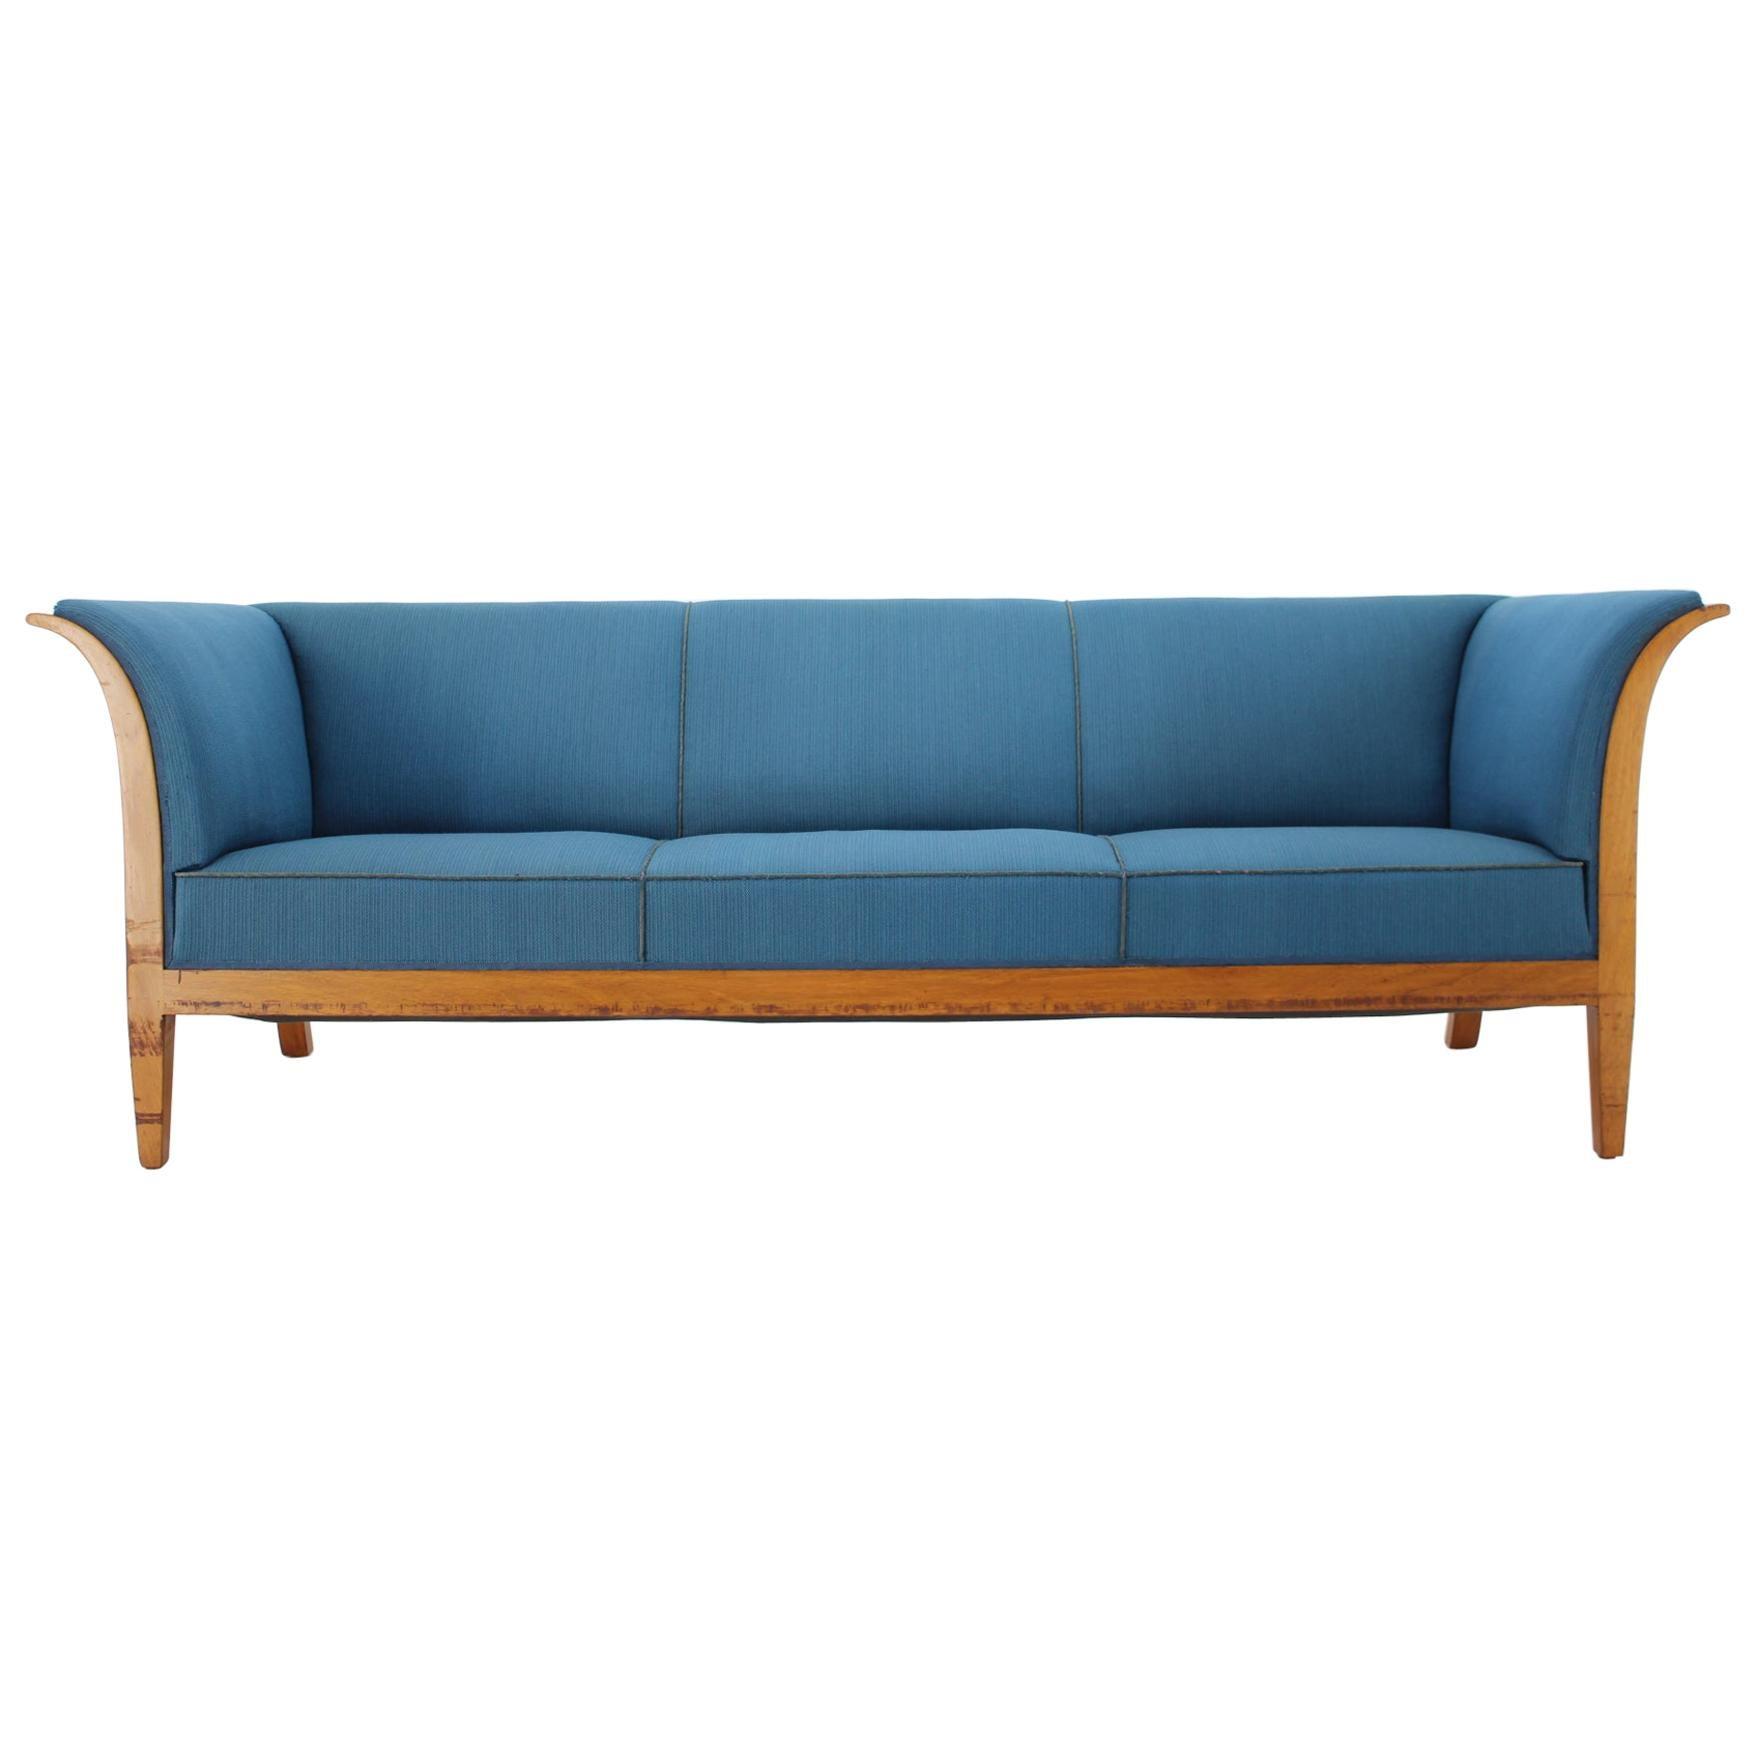 1940s Frits Henningsen Mahogany Three-Seat Sofa, Denmark